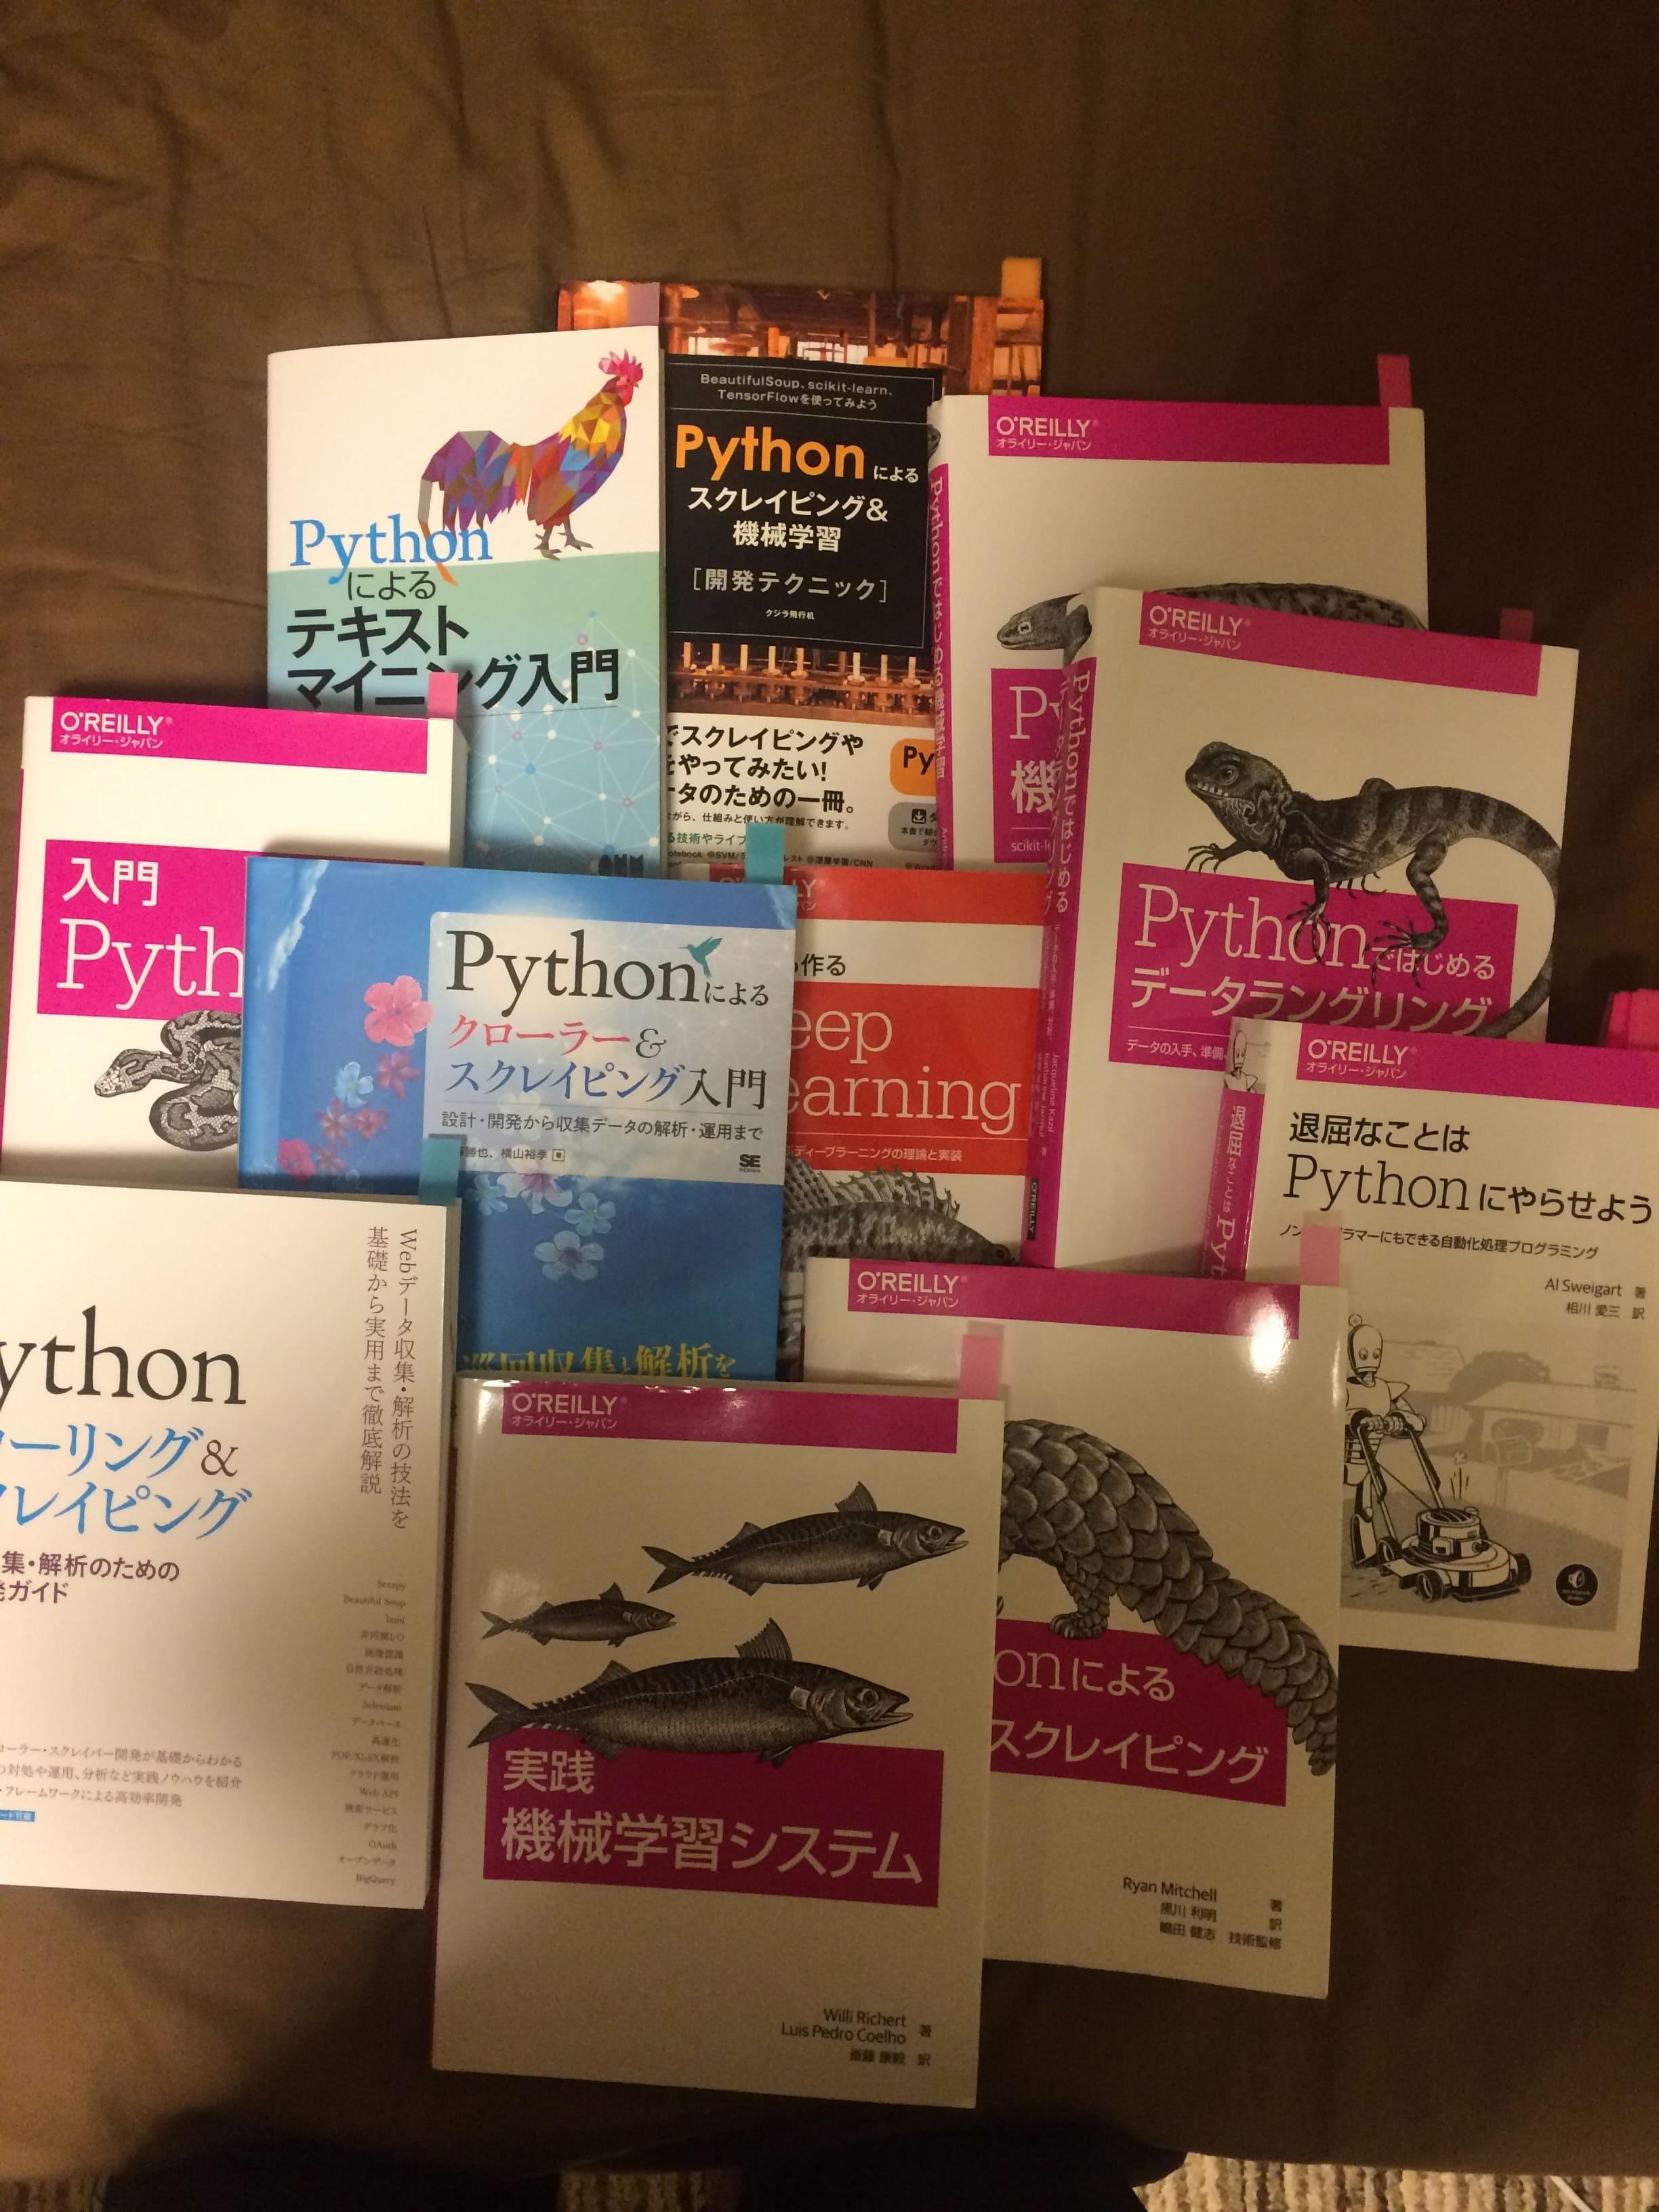 IMG 2852 iloveimg compressed - 【初心者のPython入門】Python初心者が始める前に知っておくこと